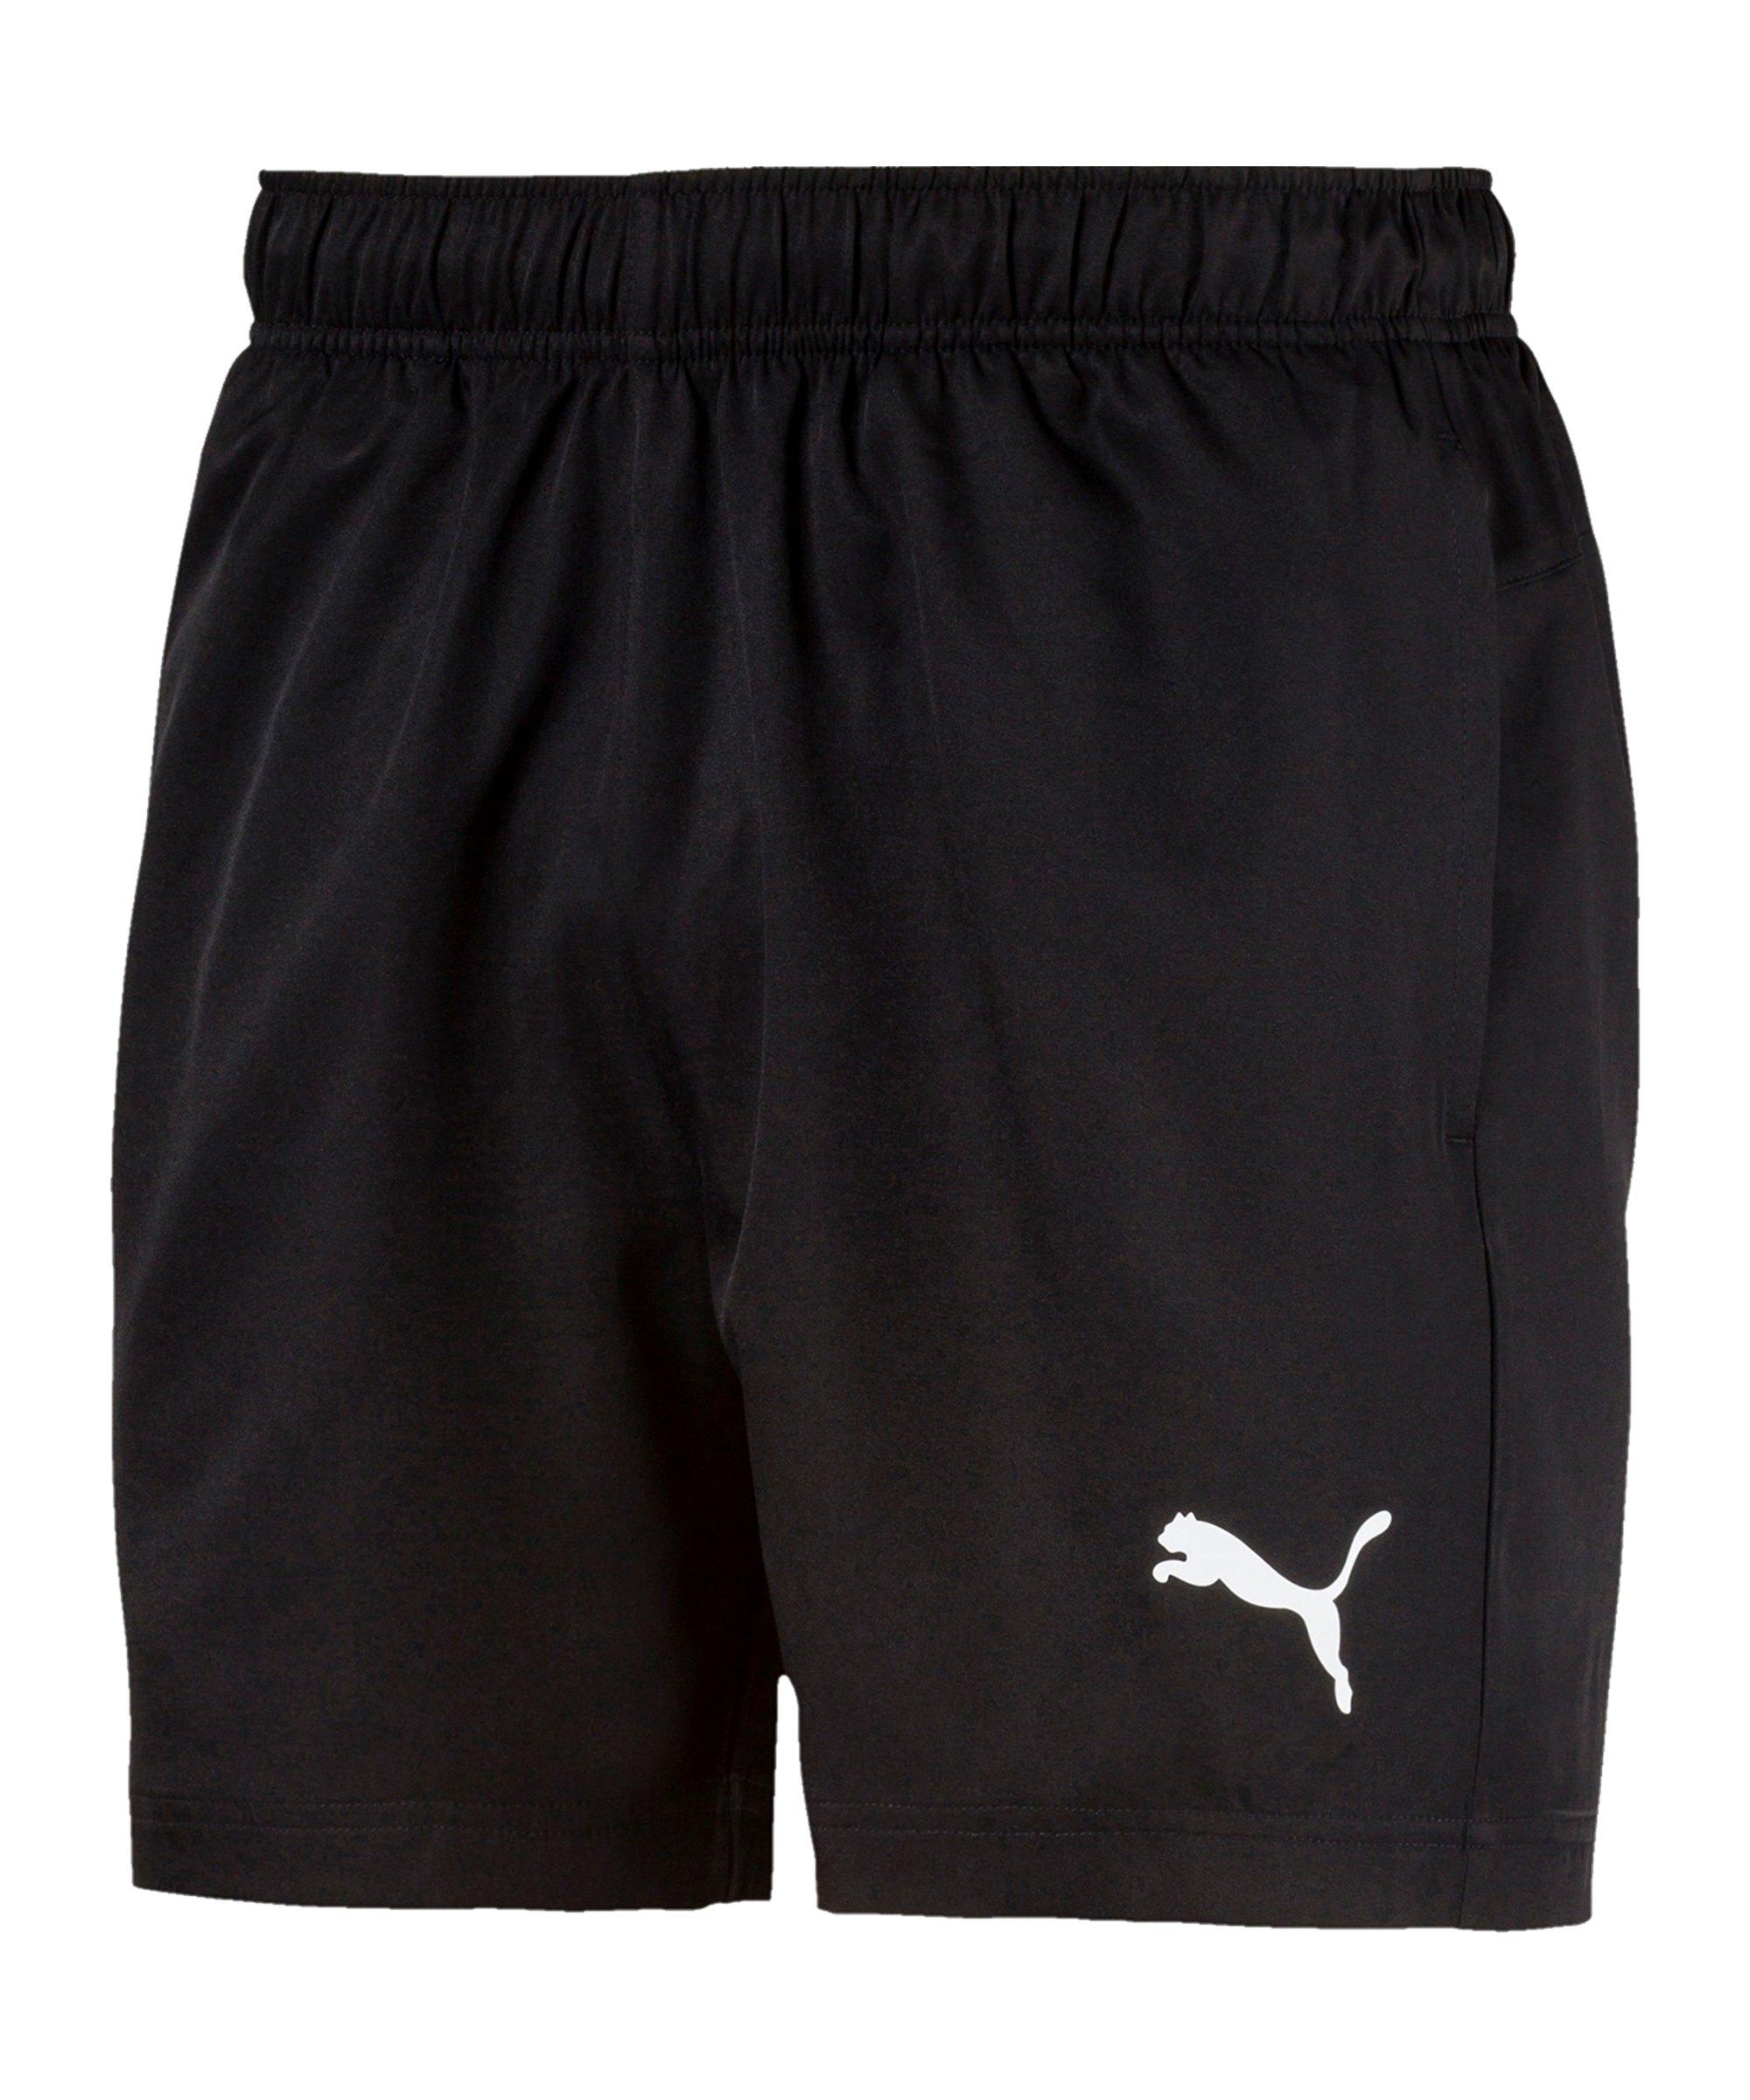 PUMA Active Woven Short 5´ Schwarz F01 - schwarz